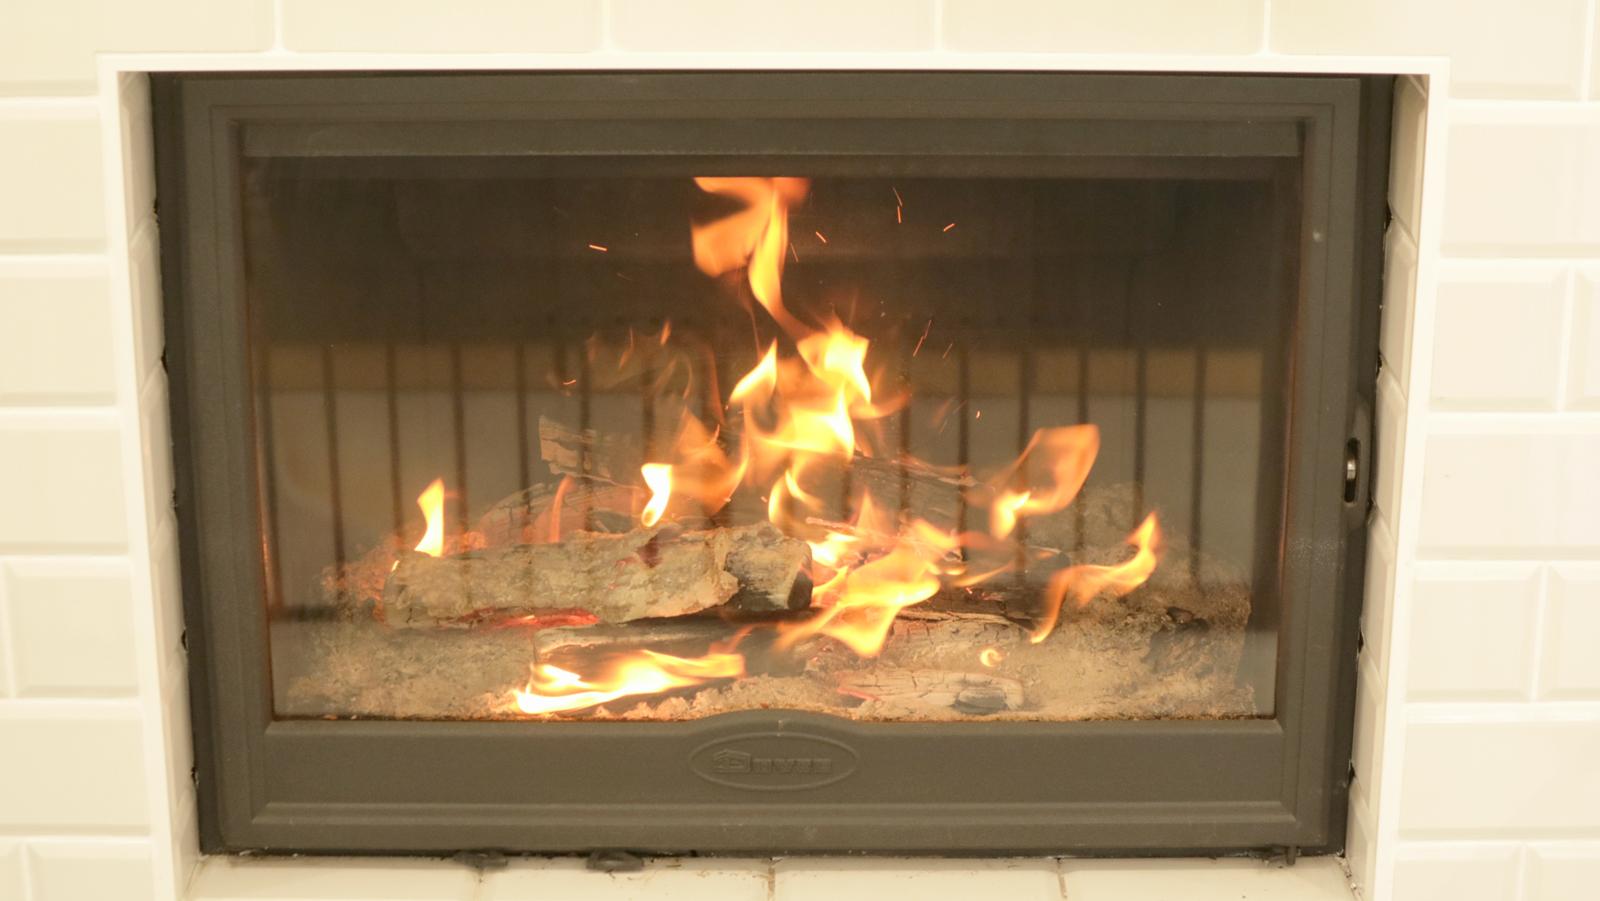 暖炉(ドブレDovre)